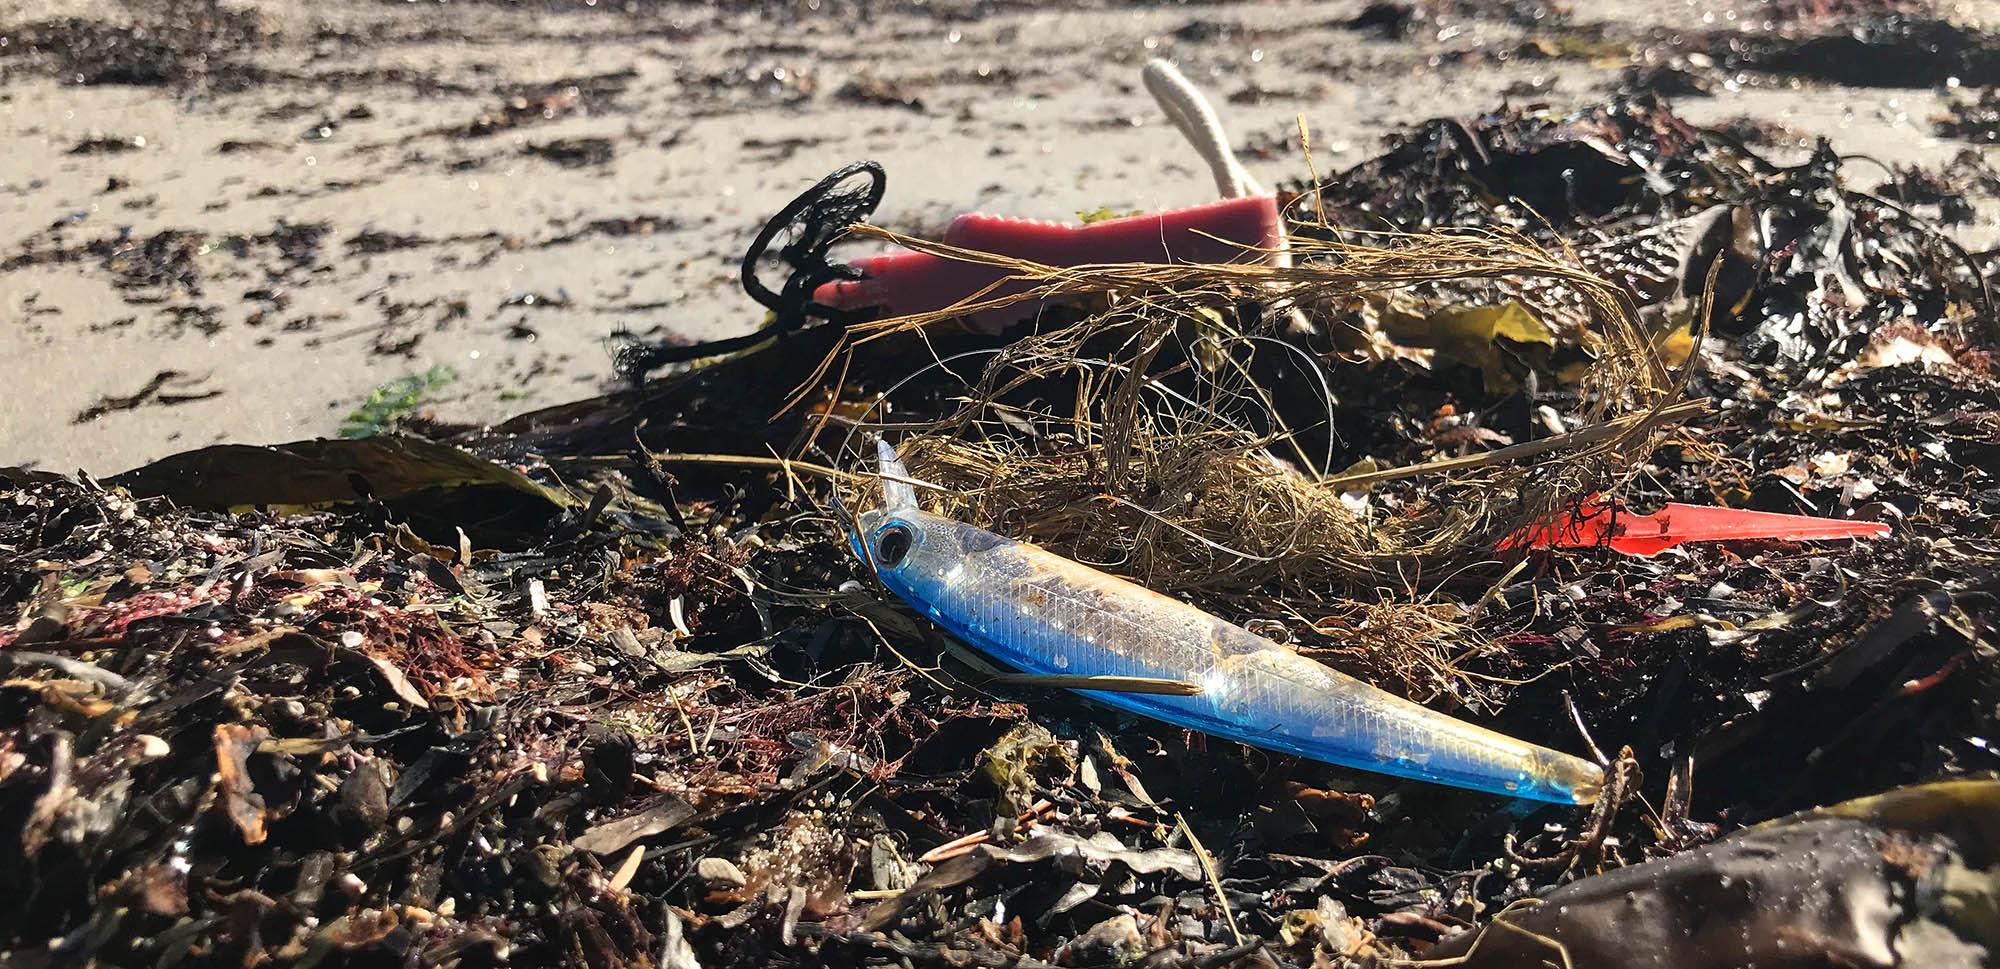 """Fiskesnører, fiskekroker, fibre fra nylontau og små plastbiter kan skade sjøfuglene. Ser du noe sånt setter både fuglene og vi i Raet nasjonalpark pris på at du plukker det med deg slik at det ikke blir liggende i """"matfatet"""" til sjøfugl og vadere. Foto: Øivind Berg"""